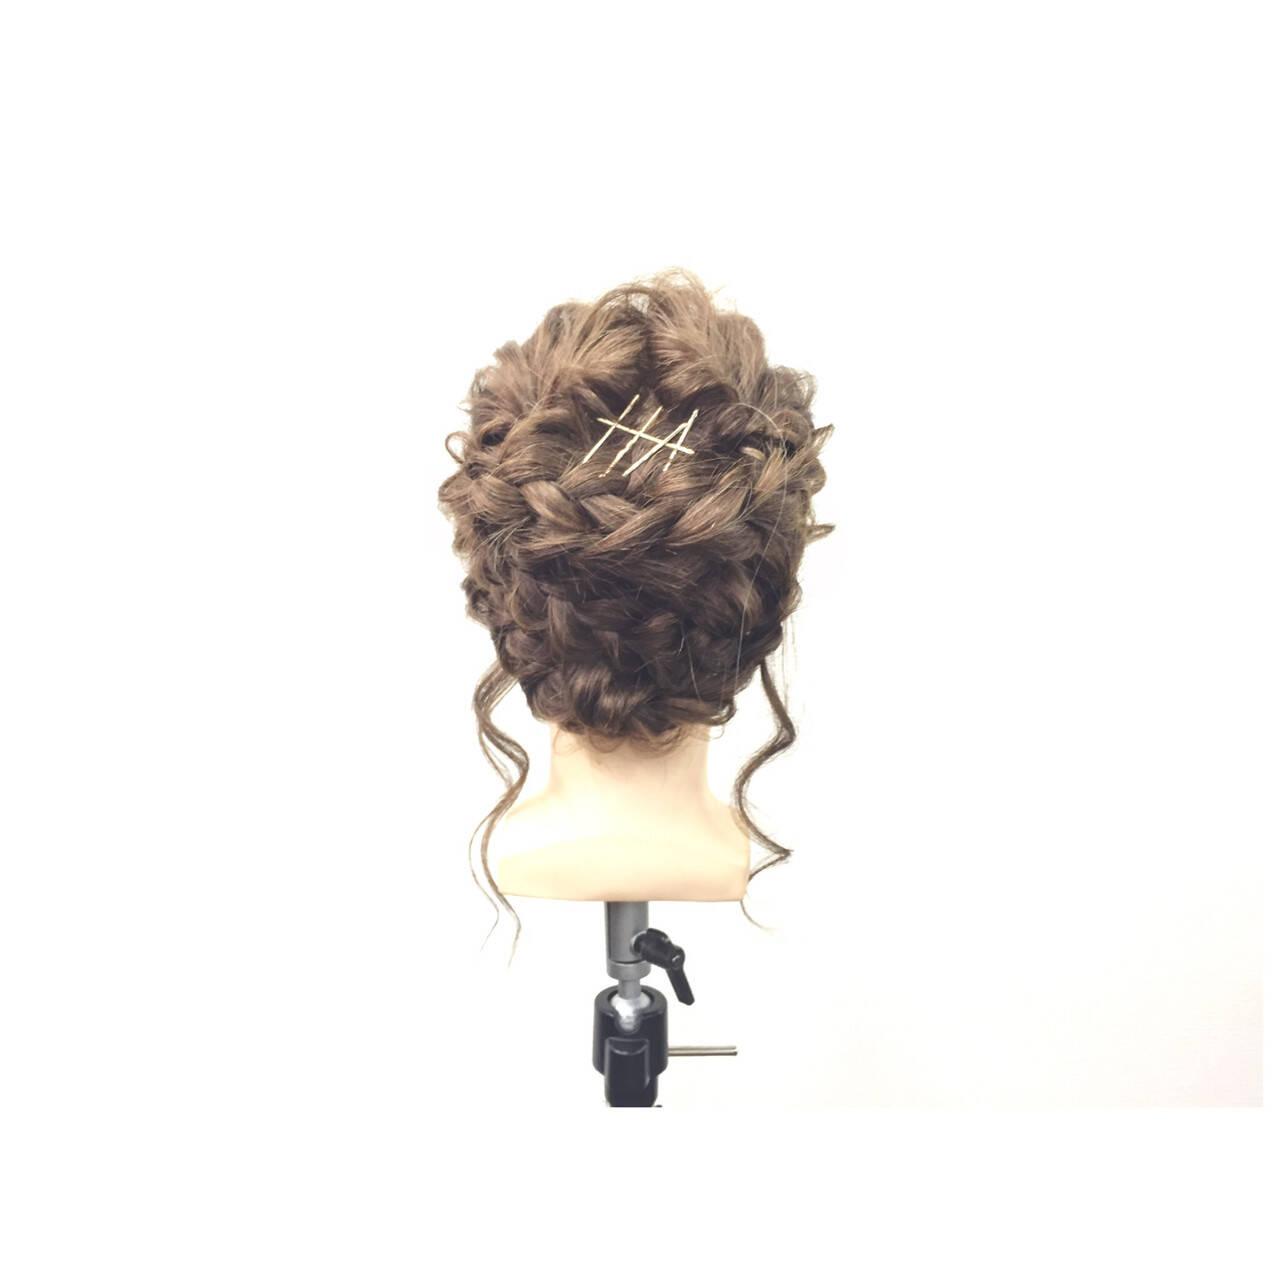 ヘアピン ショート ヘアアクセ ヘアアレンジヘアスタイルや髪型の写真・画像